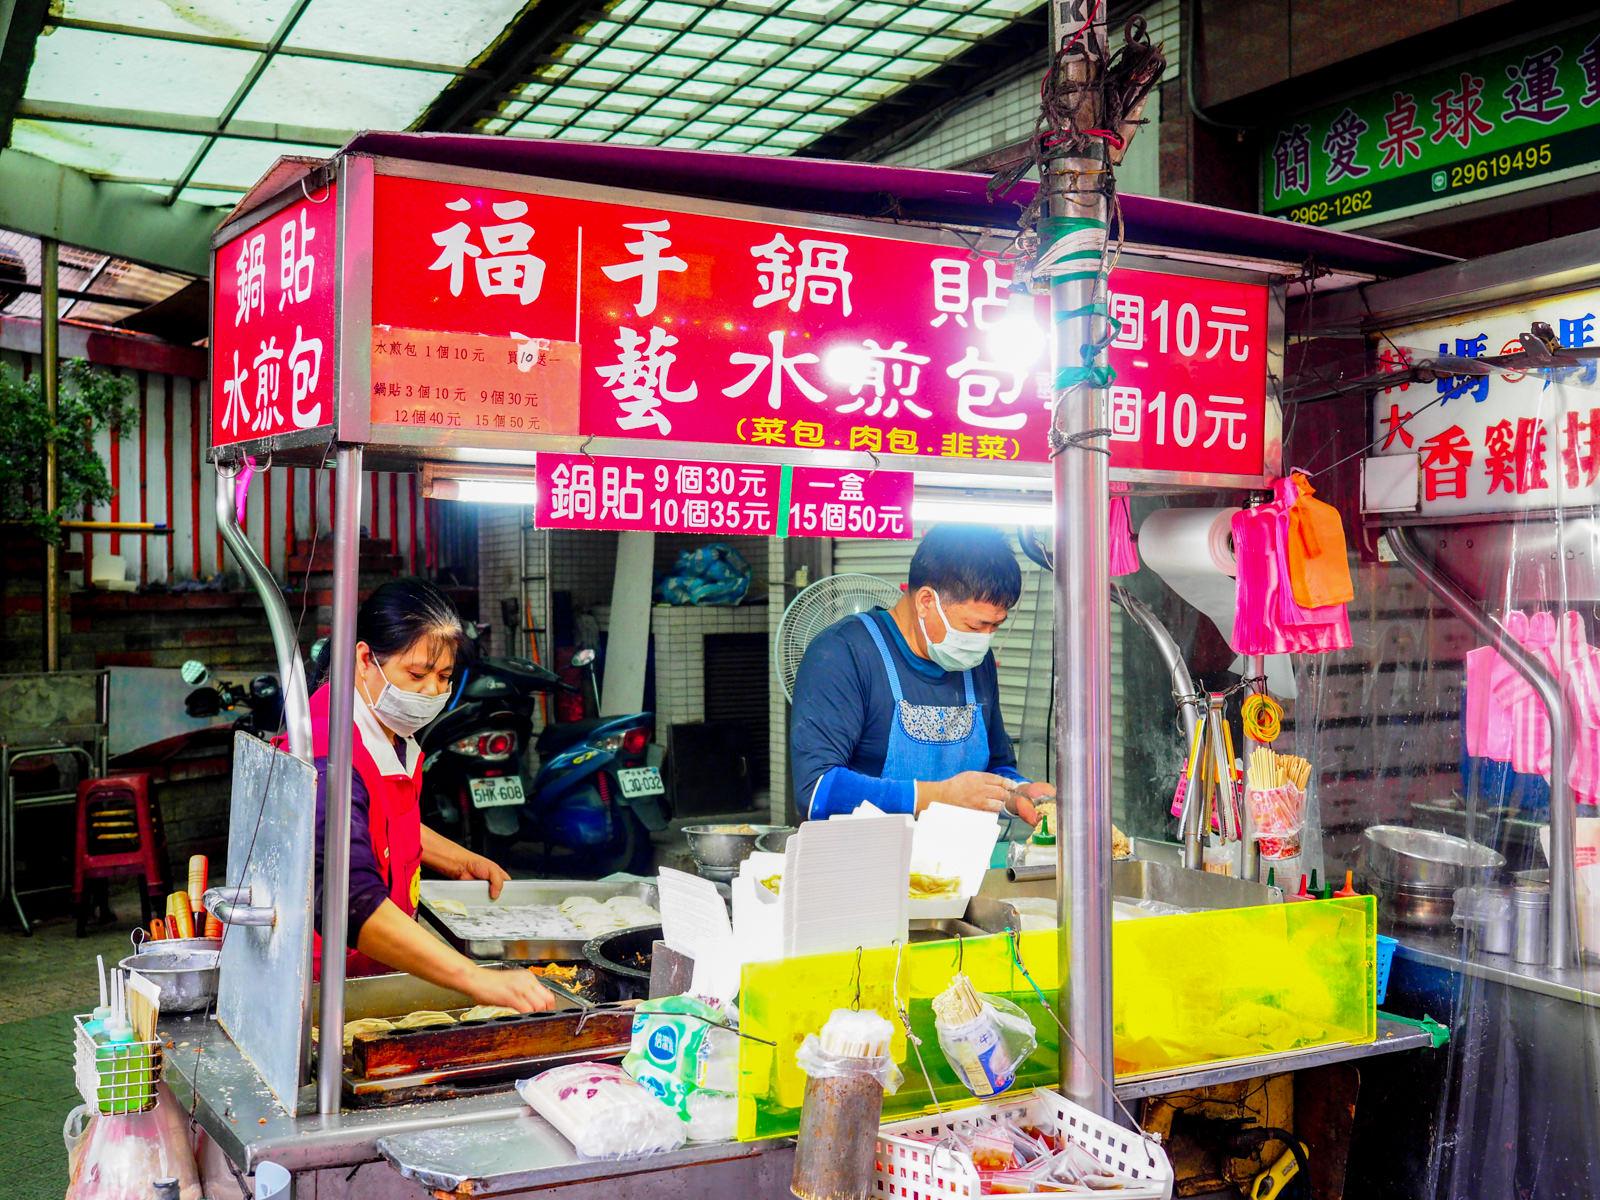 【板橋府中美食】福州手藝鍋貼水煎包 只要十元就能吃個巧 三個鍋貼十元 水煎包十元!